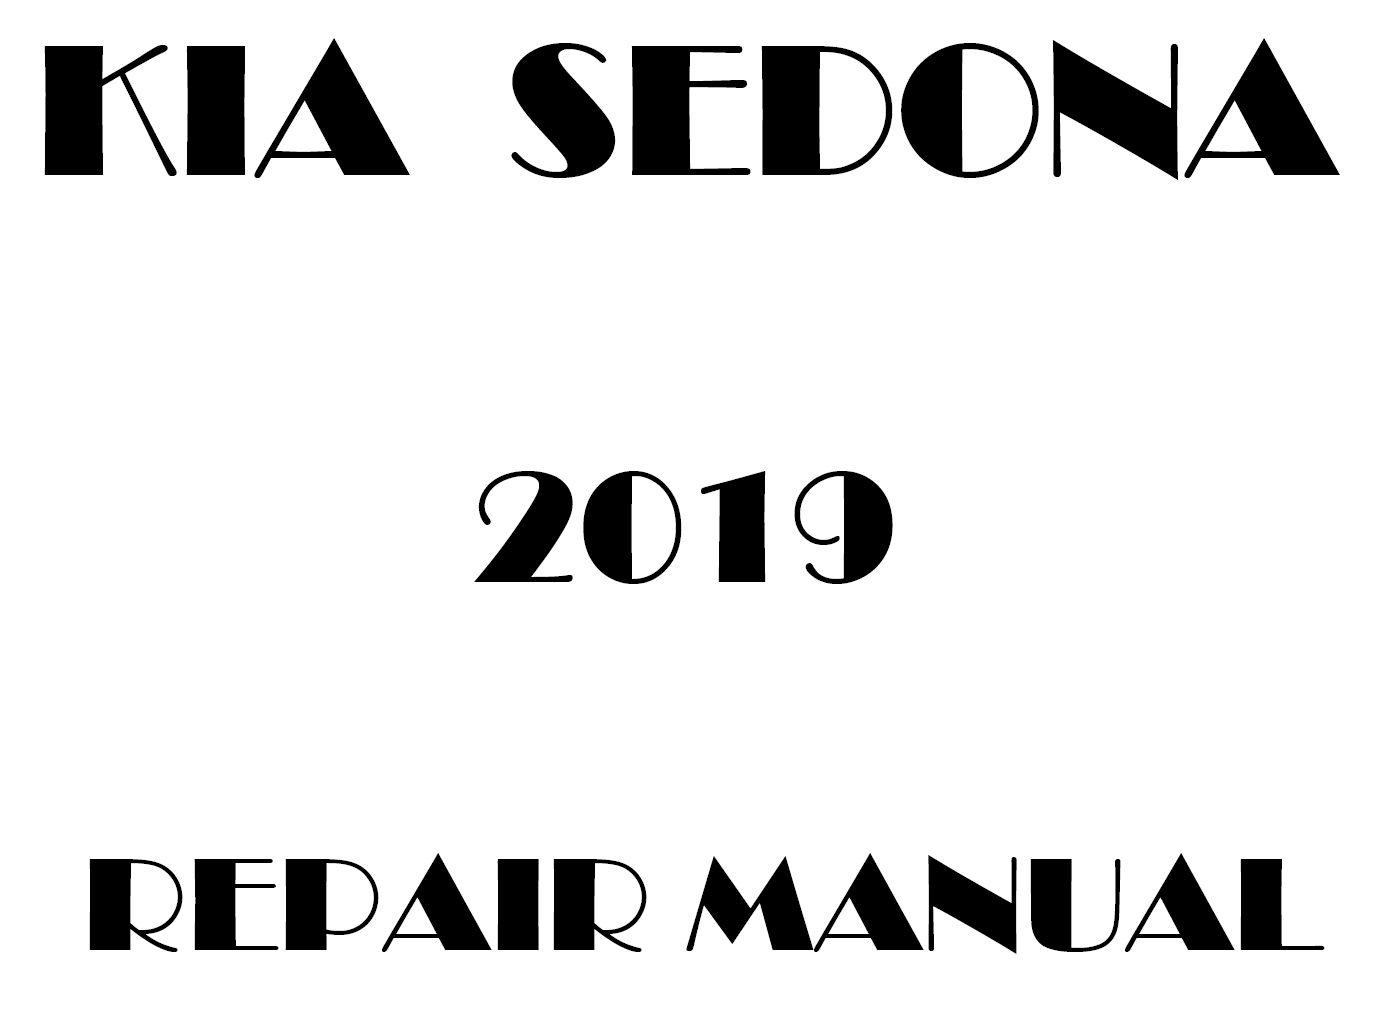 2019 Kia Sedona repair manual